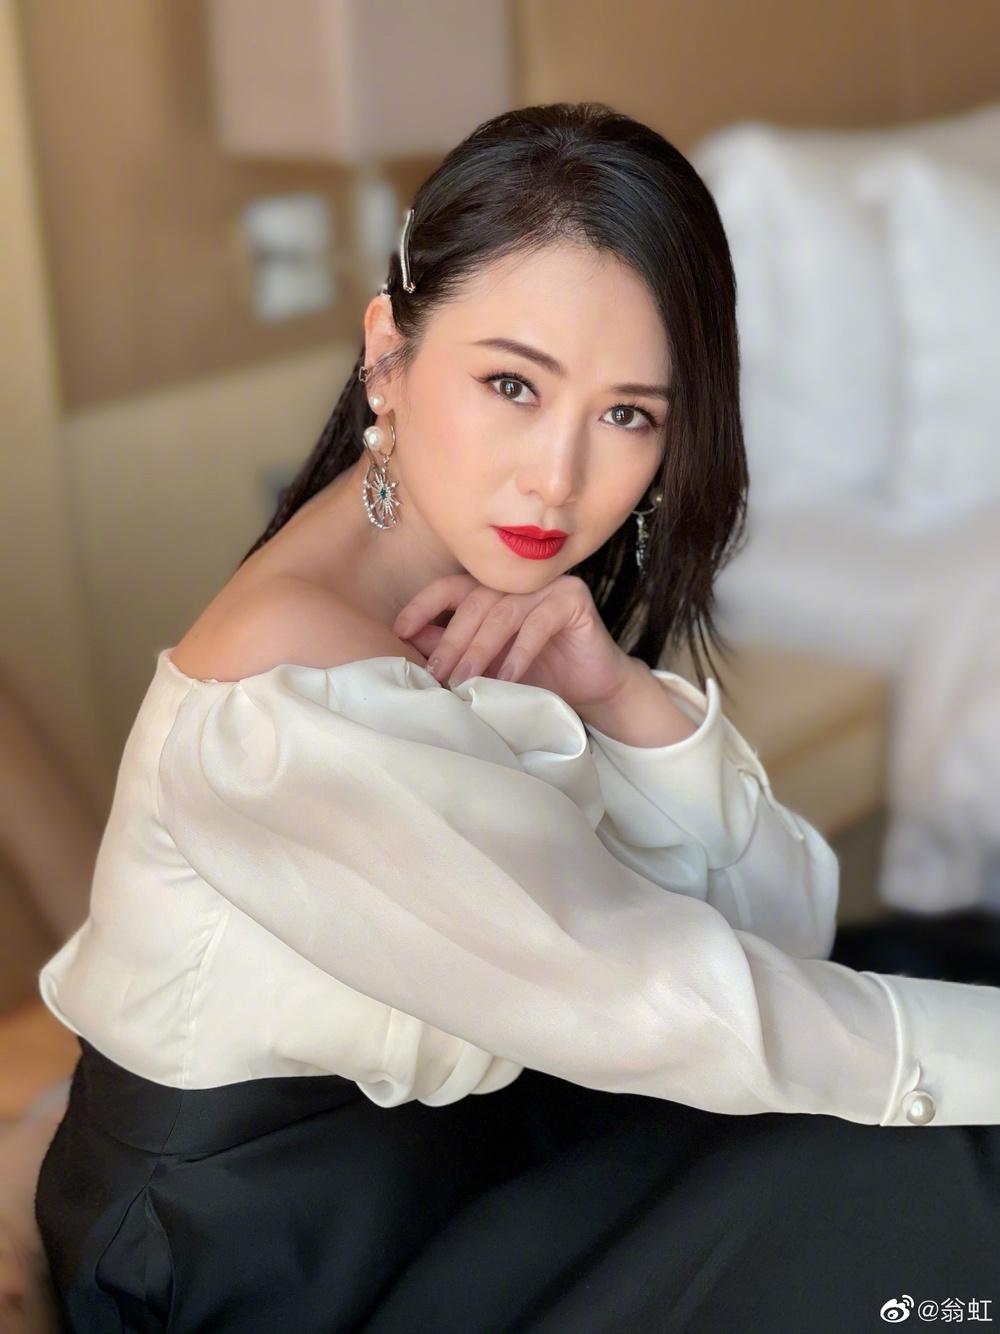 Nữ hoàng phim 18+: Bị Cổ Thiên Lạc si mê theo đuổi, gọi điện chửi mắng 20 phút vì không chịu yêu - Ảnh 12.